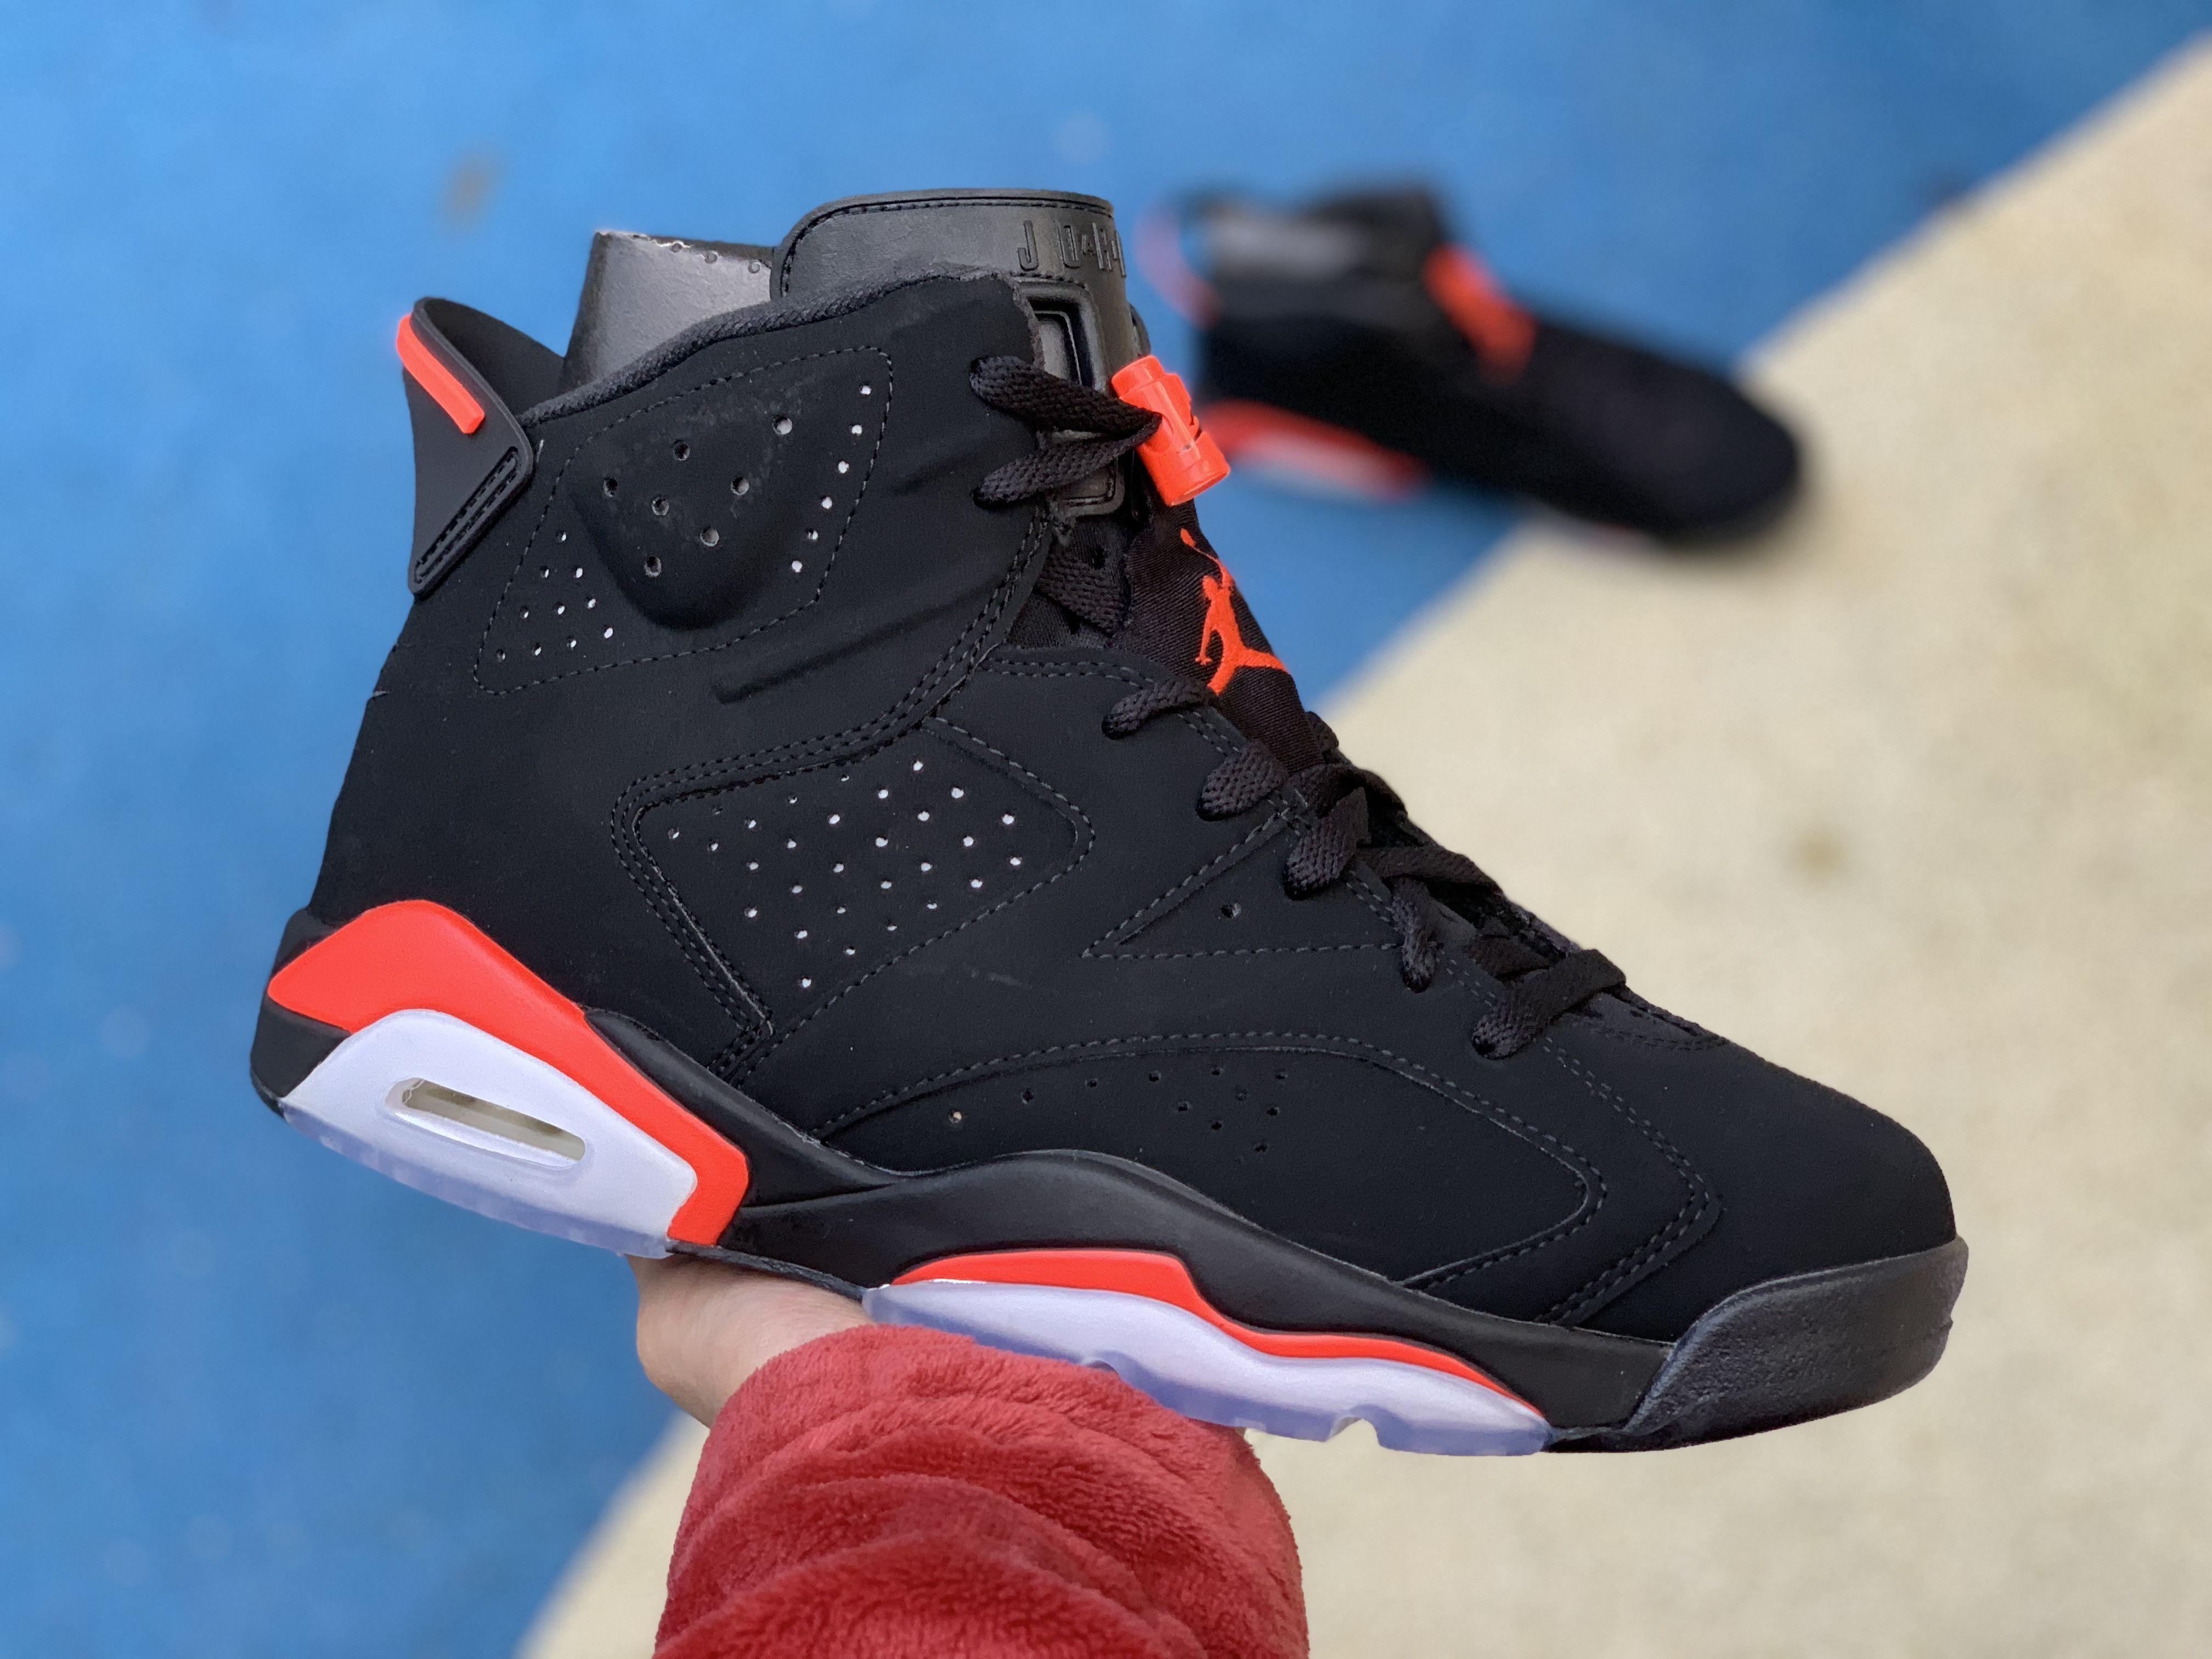 2019 New Release Air Jordan 6 Black Infrared 384664 060 Air Jordans Retro Air Jordans Nike Air Jordan 6